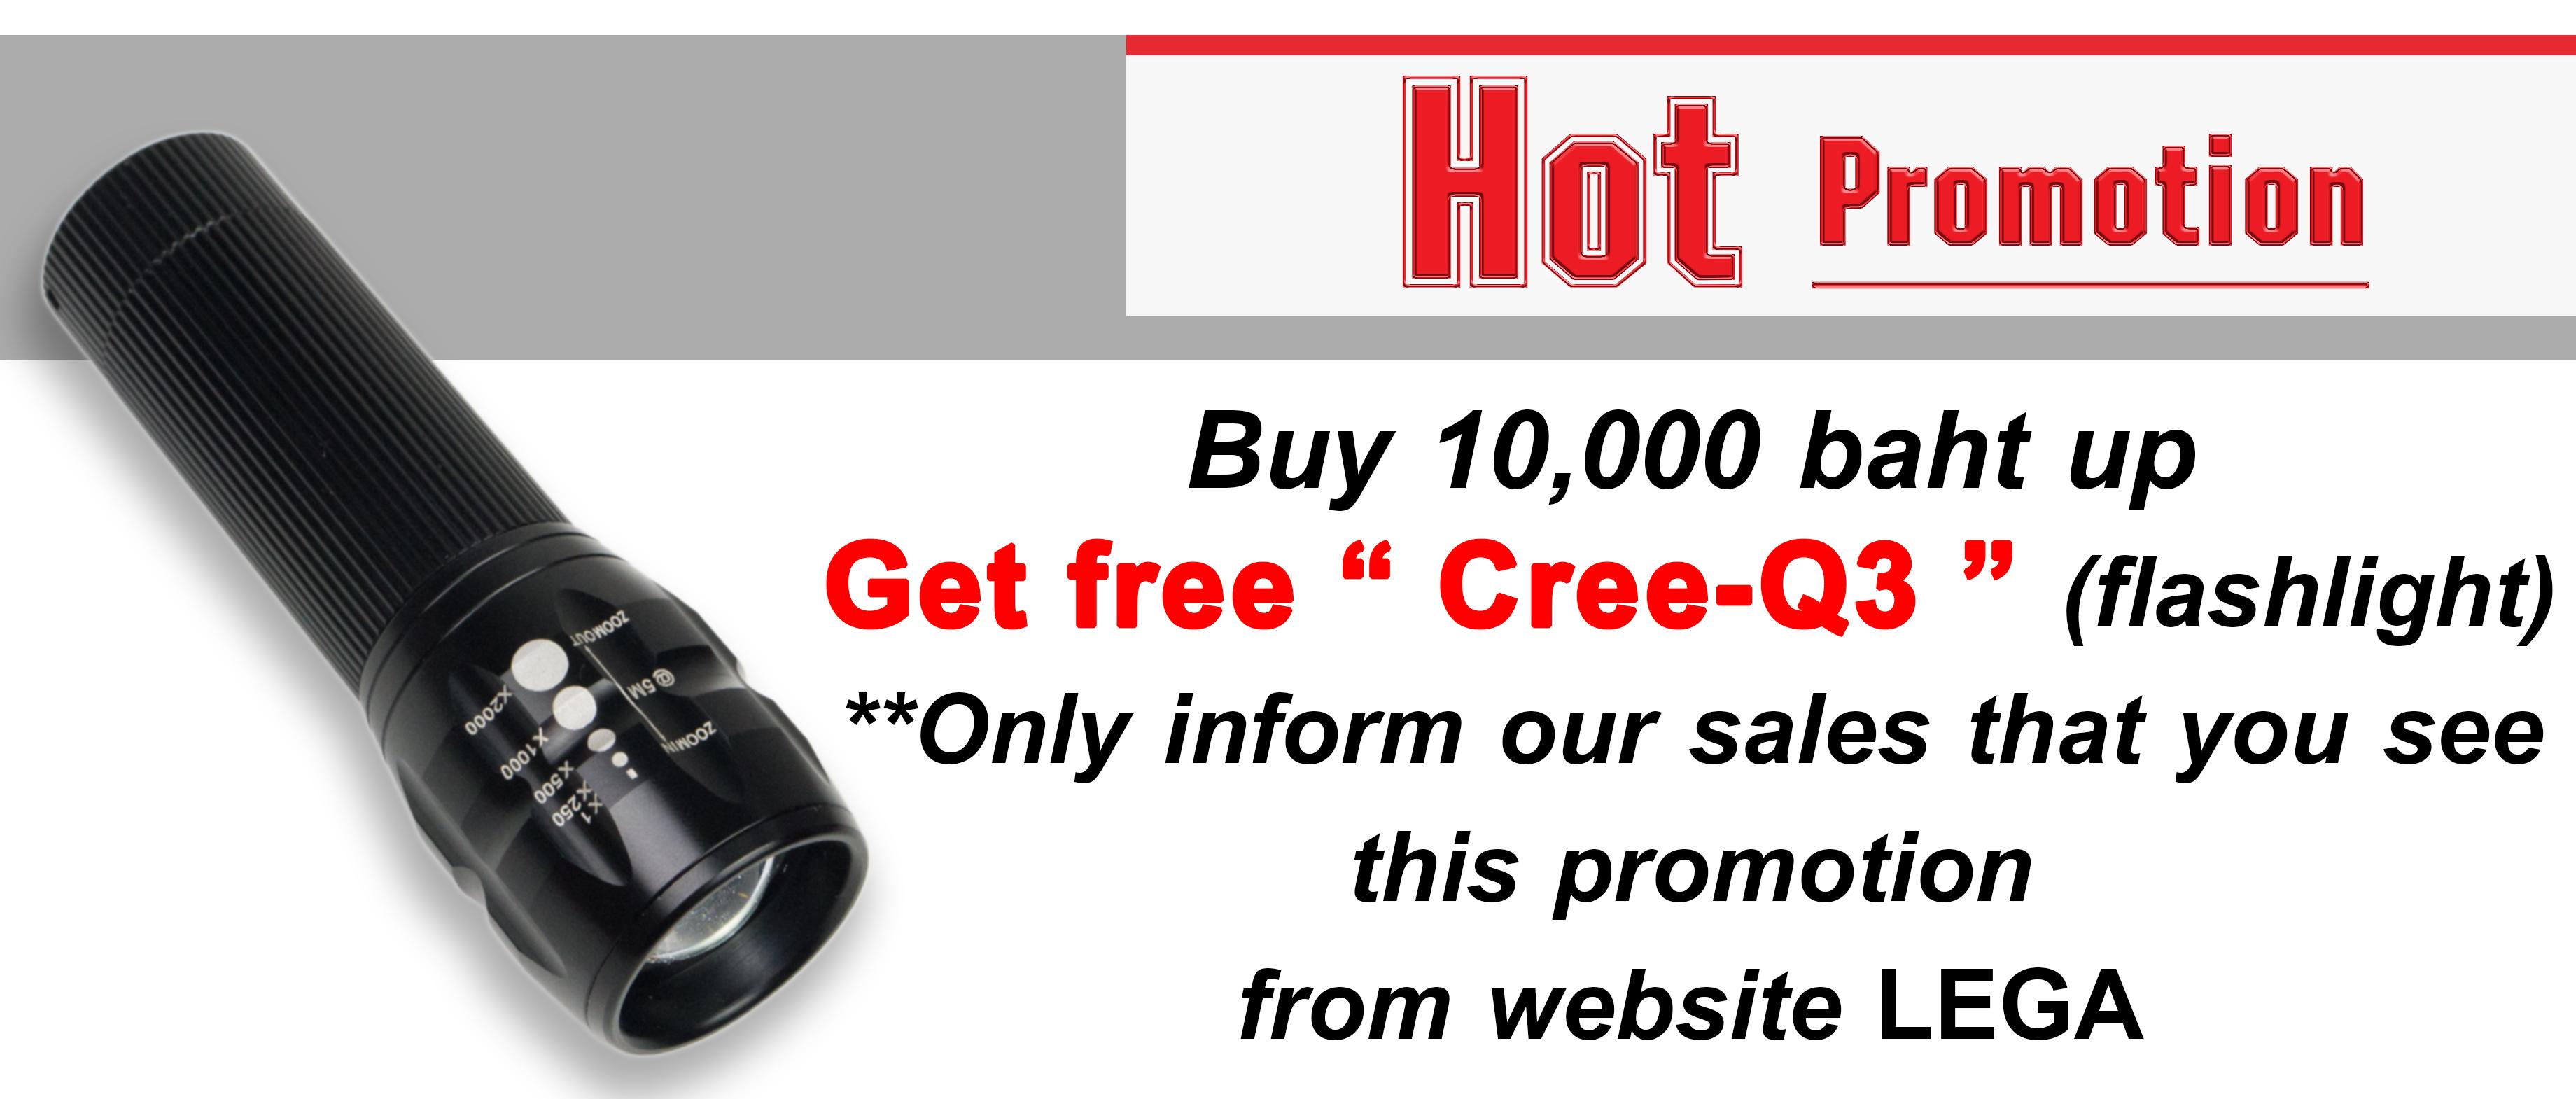 ซื้อครบ 10,000 บาท ฟรีไฟฉาย Cree-Q3